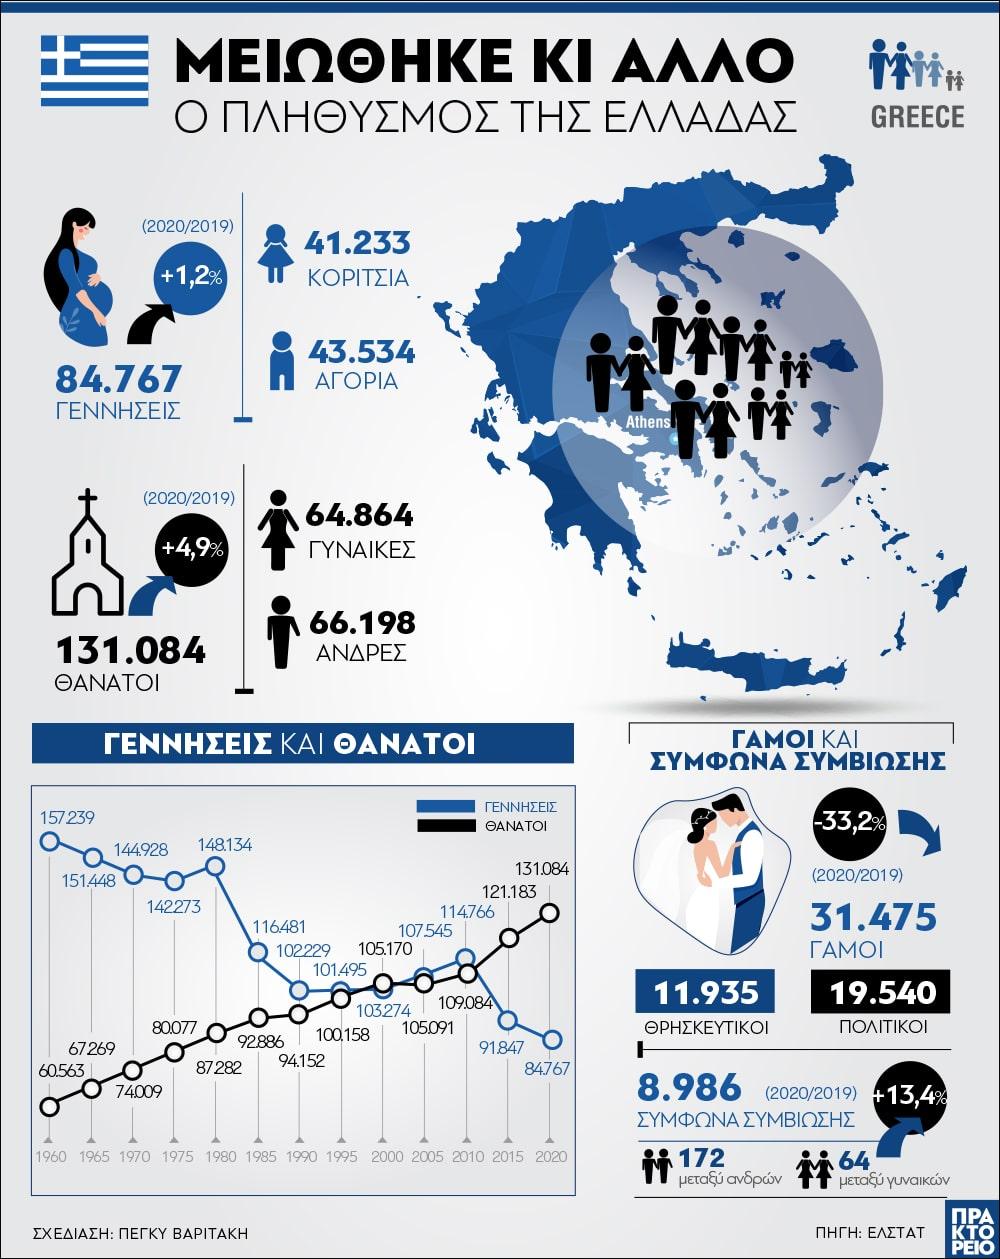 Απογραφή 2021: Μειώθηκε κι άλλο ο πληθυσμός της Ελλάδας - Ανησυχητικό γράφημα